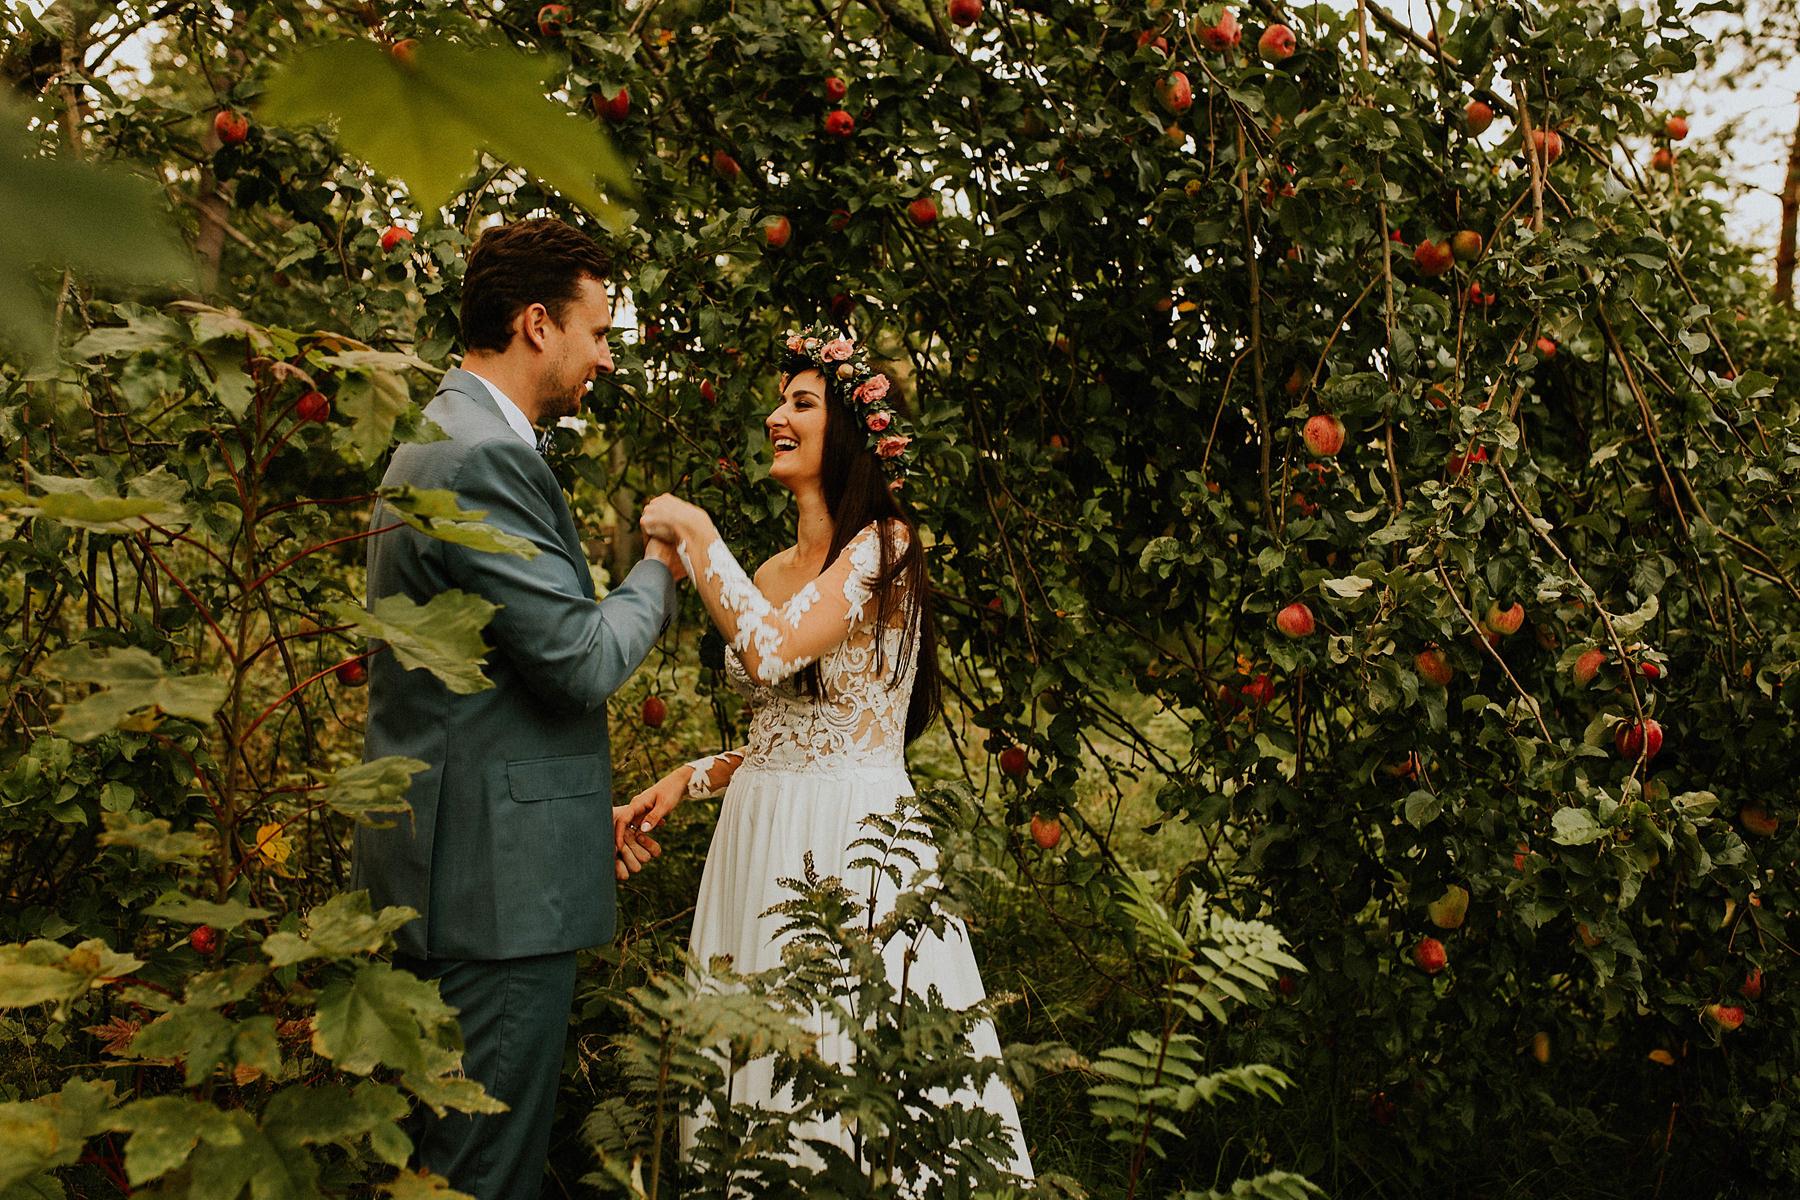 sesja poślubna w sadzie jabłonie